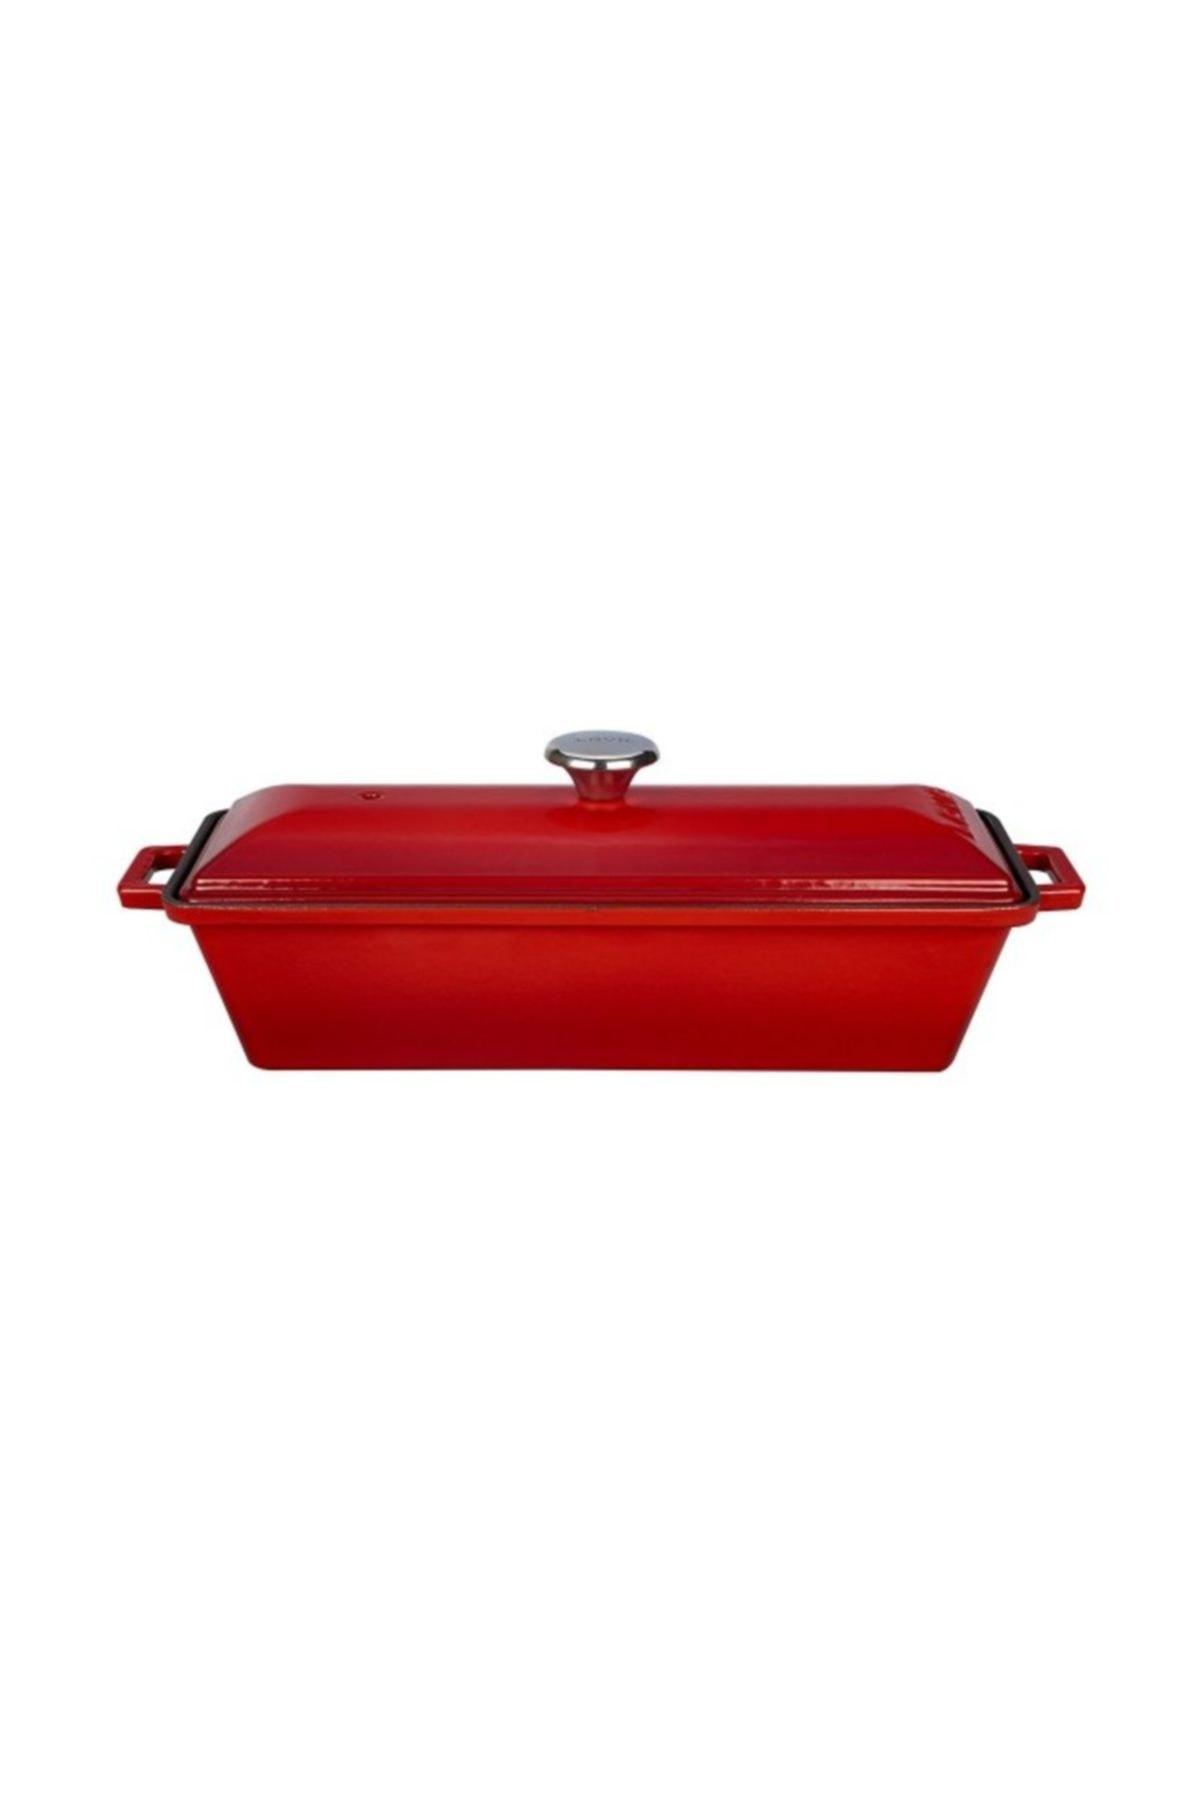 Lava Döküm Ekmek Kabı / Terrine. Ölçü 11x29 cm. - Kırmızı 2